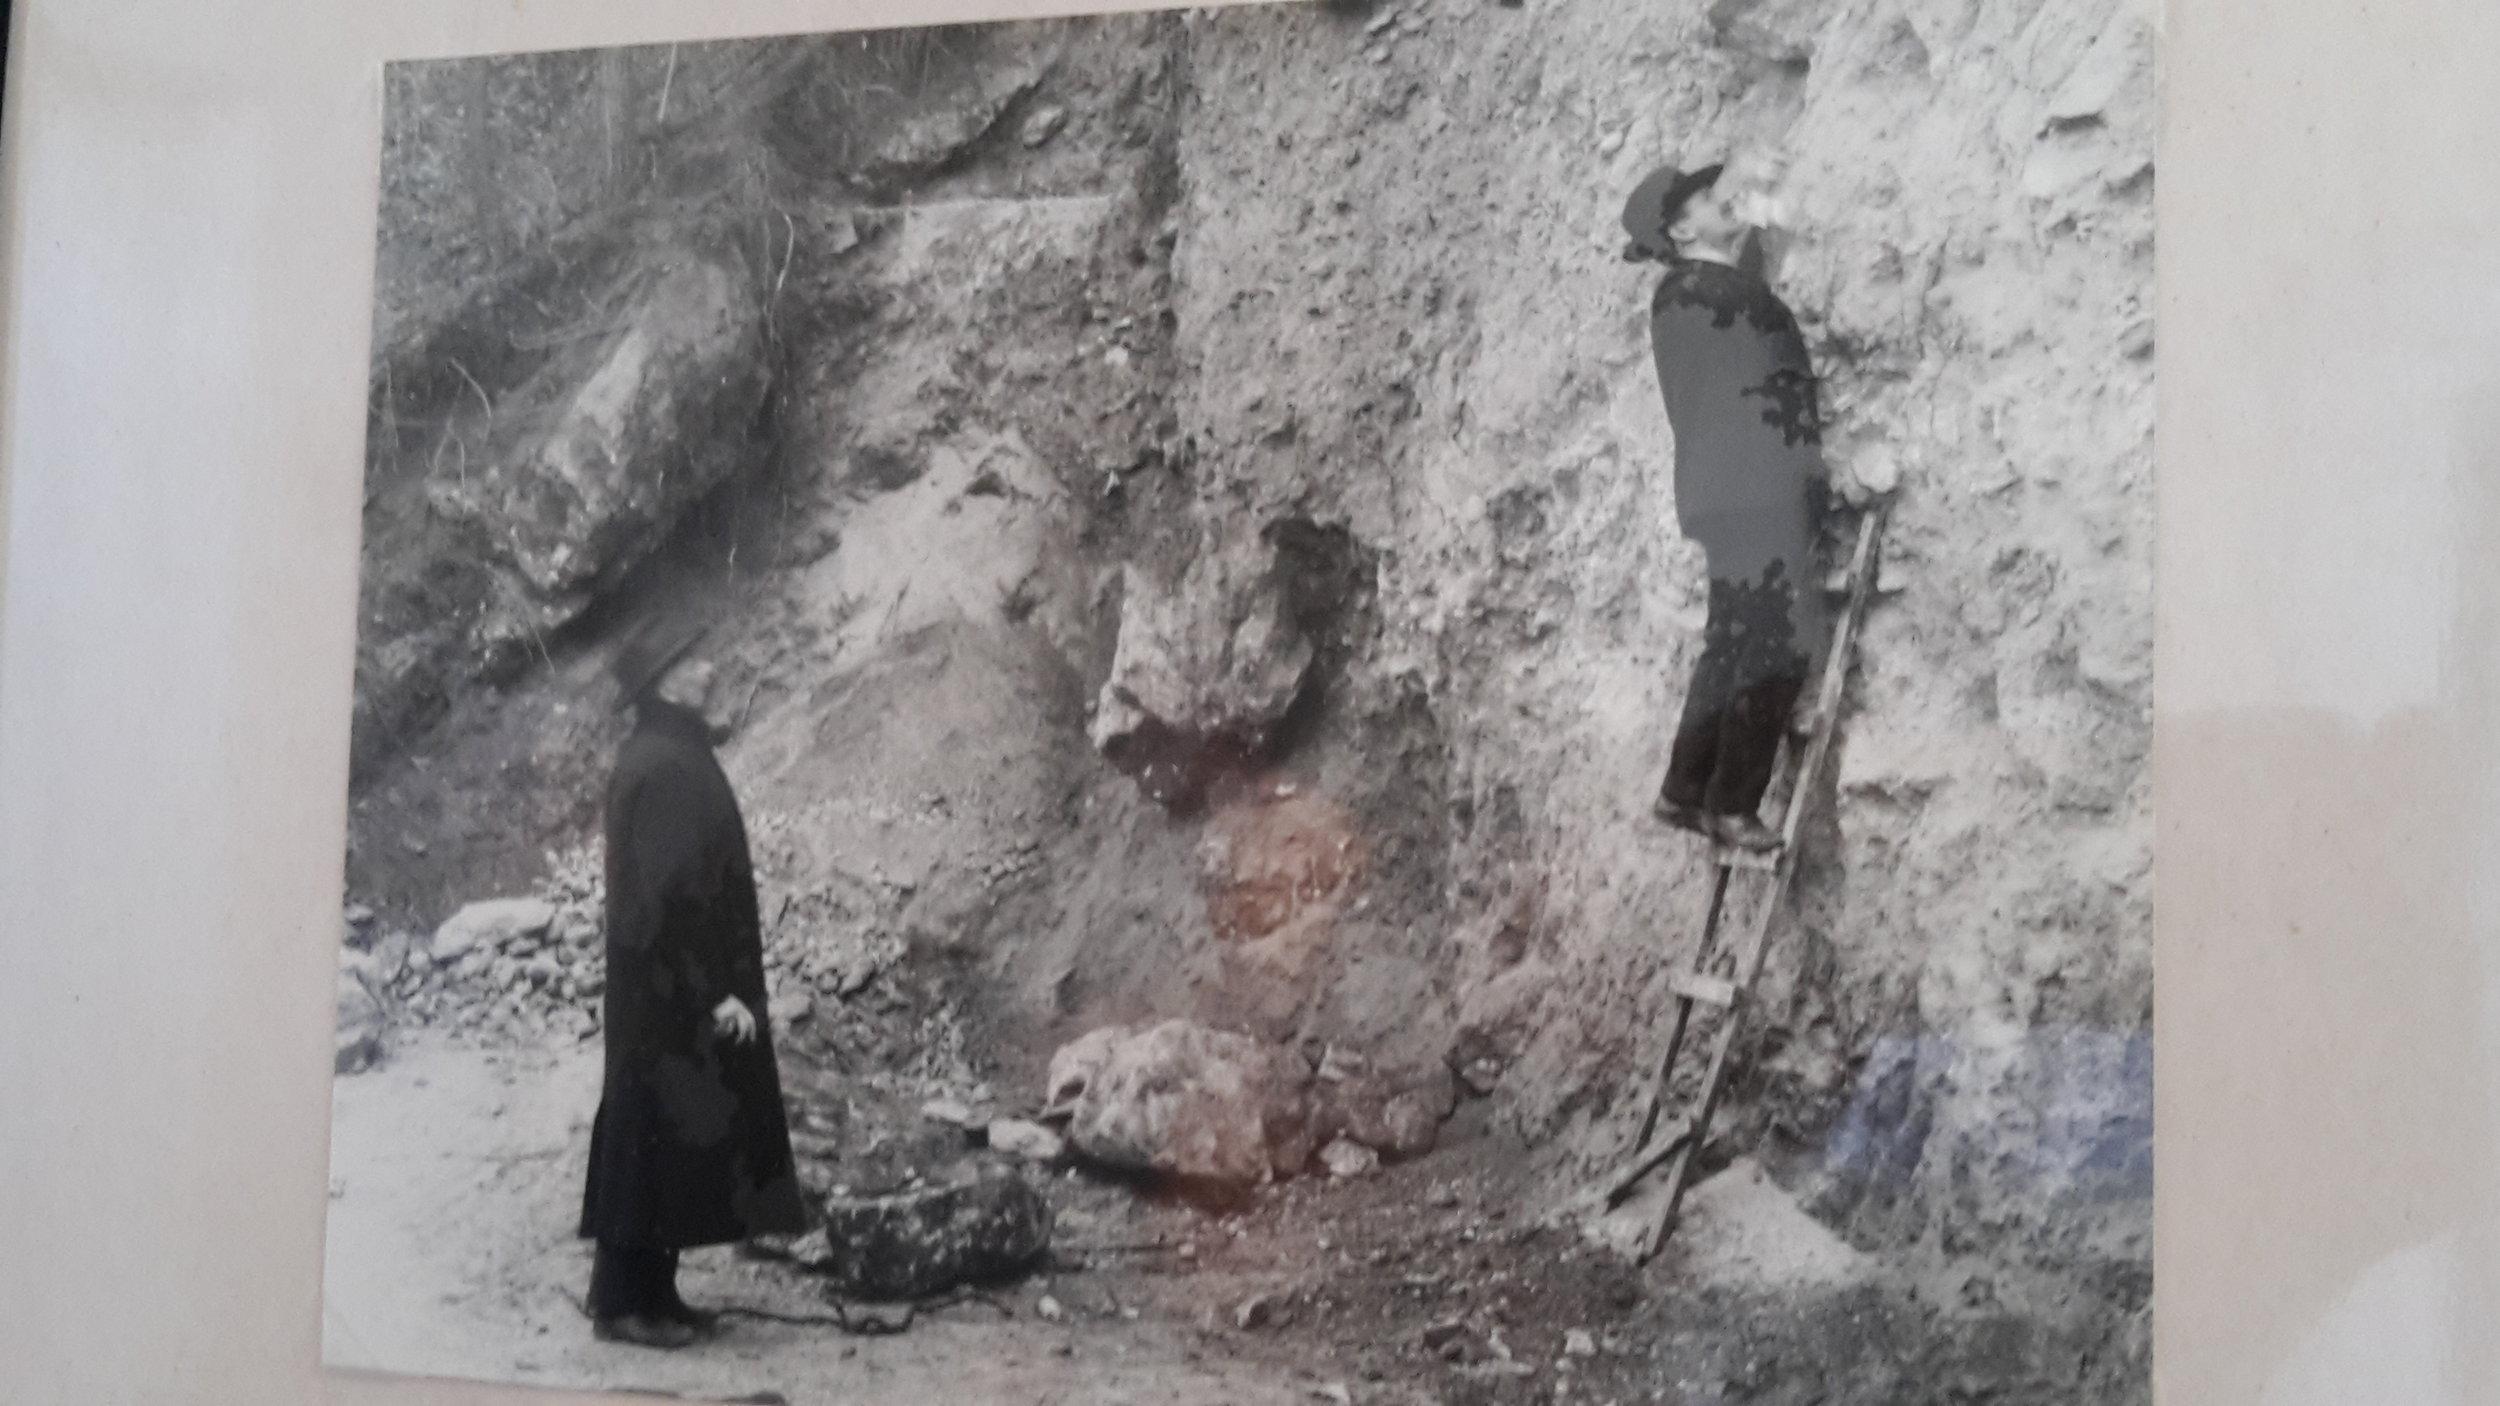 """museumshöhle - Zum Areal des Museums der NÖ-Landesfreunde gehört auch eine Höhle. Bei der Eröffnung des Museums 1905 wurde die Höhle als """"romantischer Platz"""" in eine Gartenanlage einge-bunden, mit Wegen Stufen, Bänken und Wasserbecken.Die gesamte Anlage wurde anlässlich einer Säuberungs- und Instandsetzungsaktion des Seibersdorfer Höhlenvereins im April 2010 wieder hergestellt."""